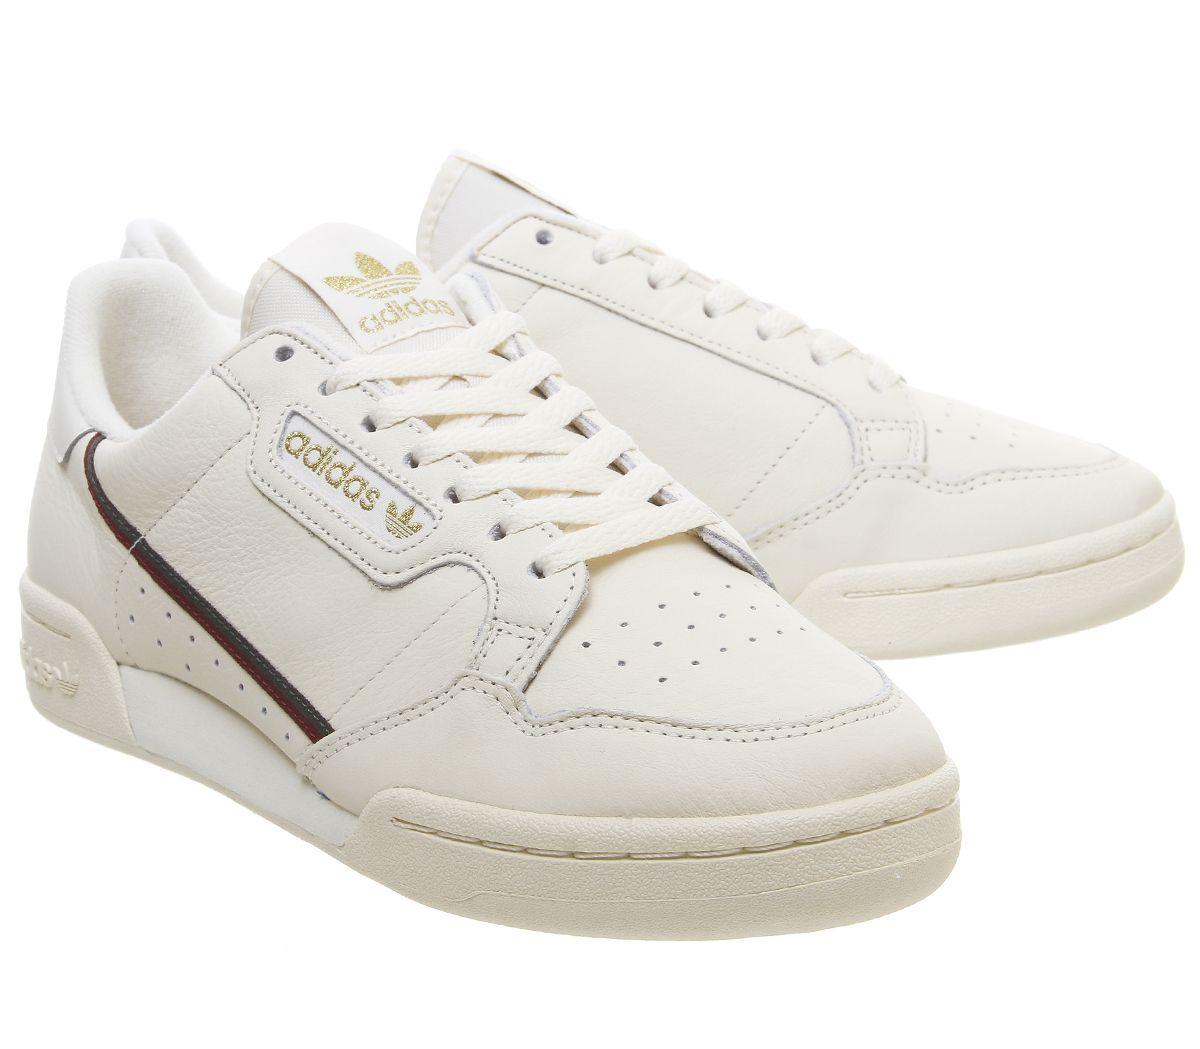 Détails sur Adidas Continental 80 S Baskets Craie Nuit Cargo rencontré Gold Exclusive Trainers SH afficher le titre d'origine